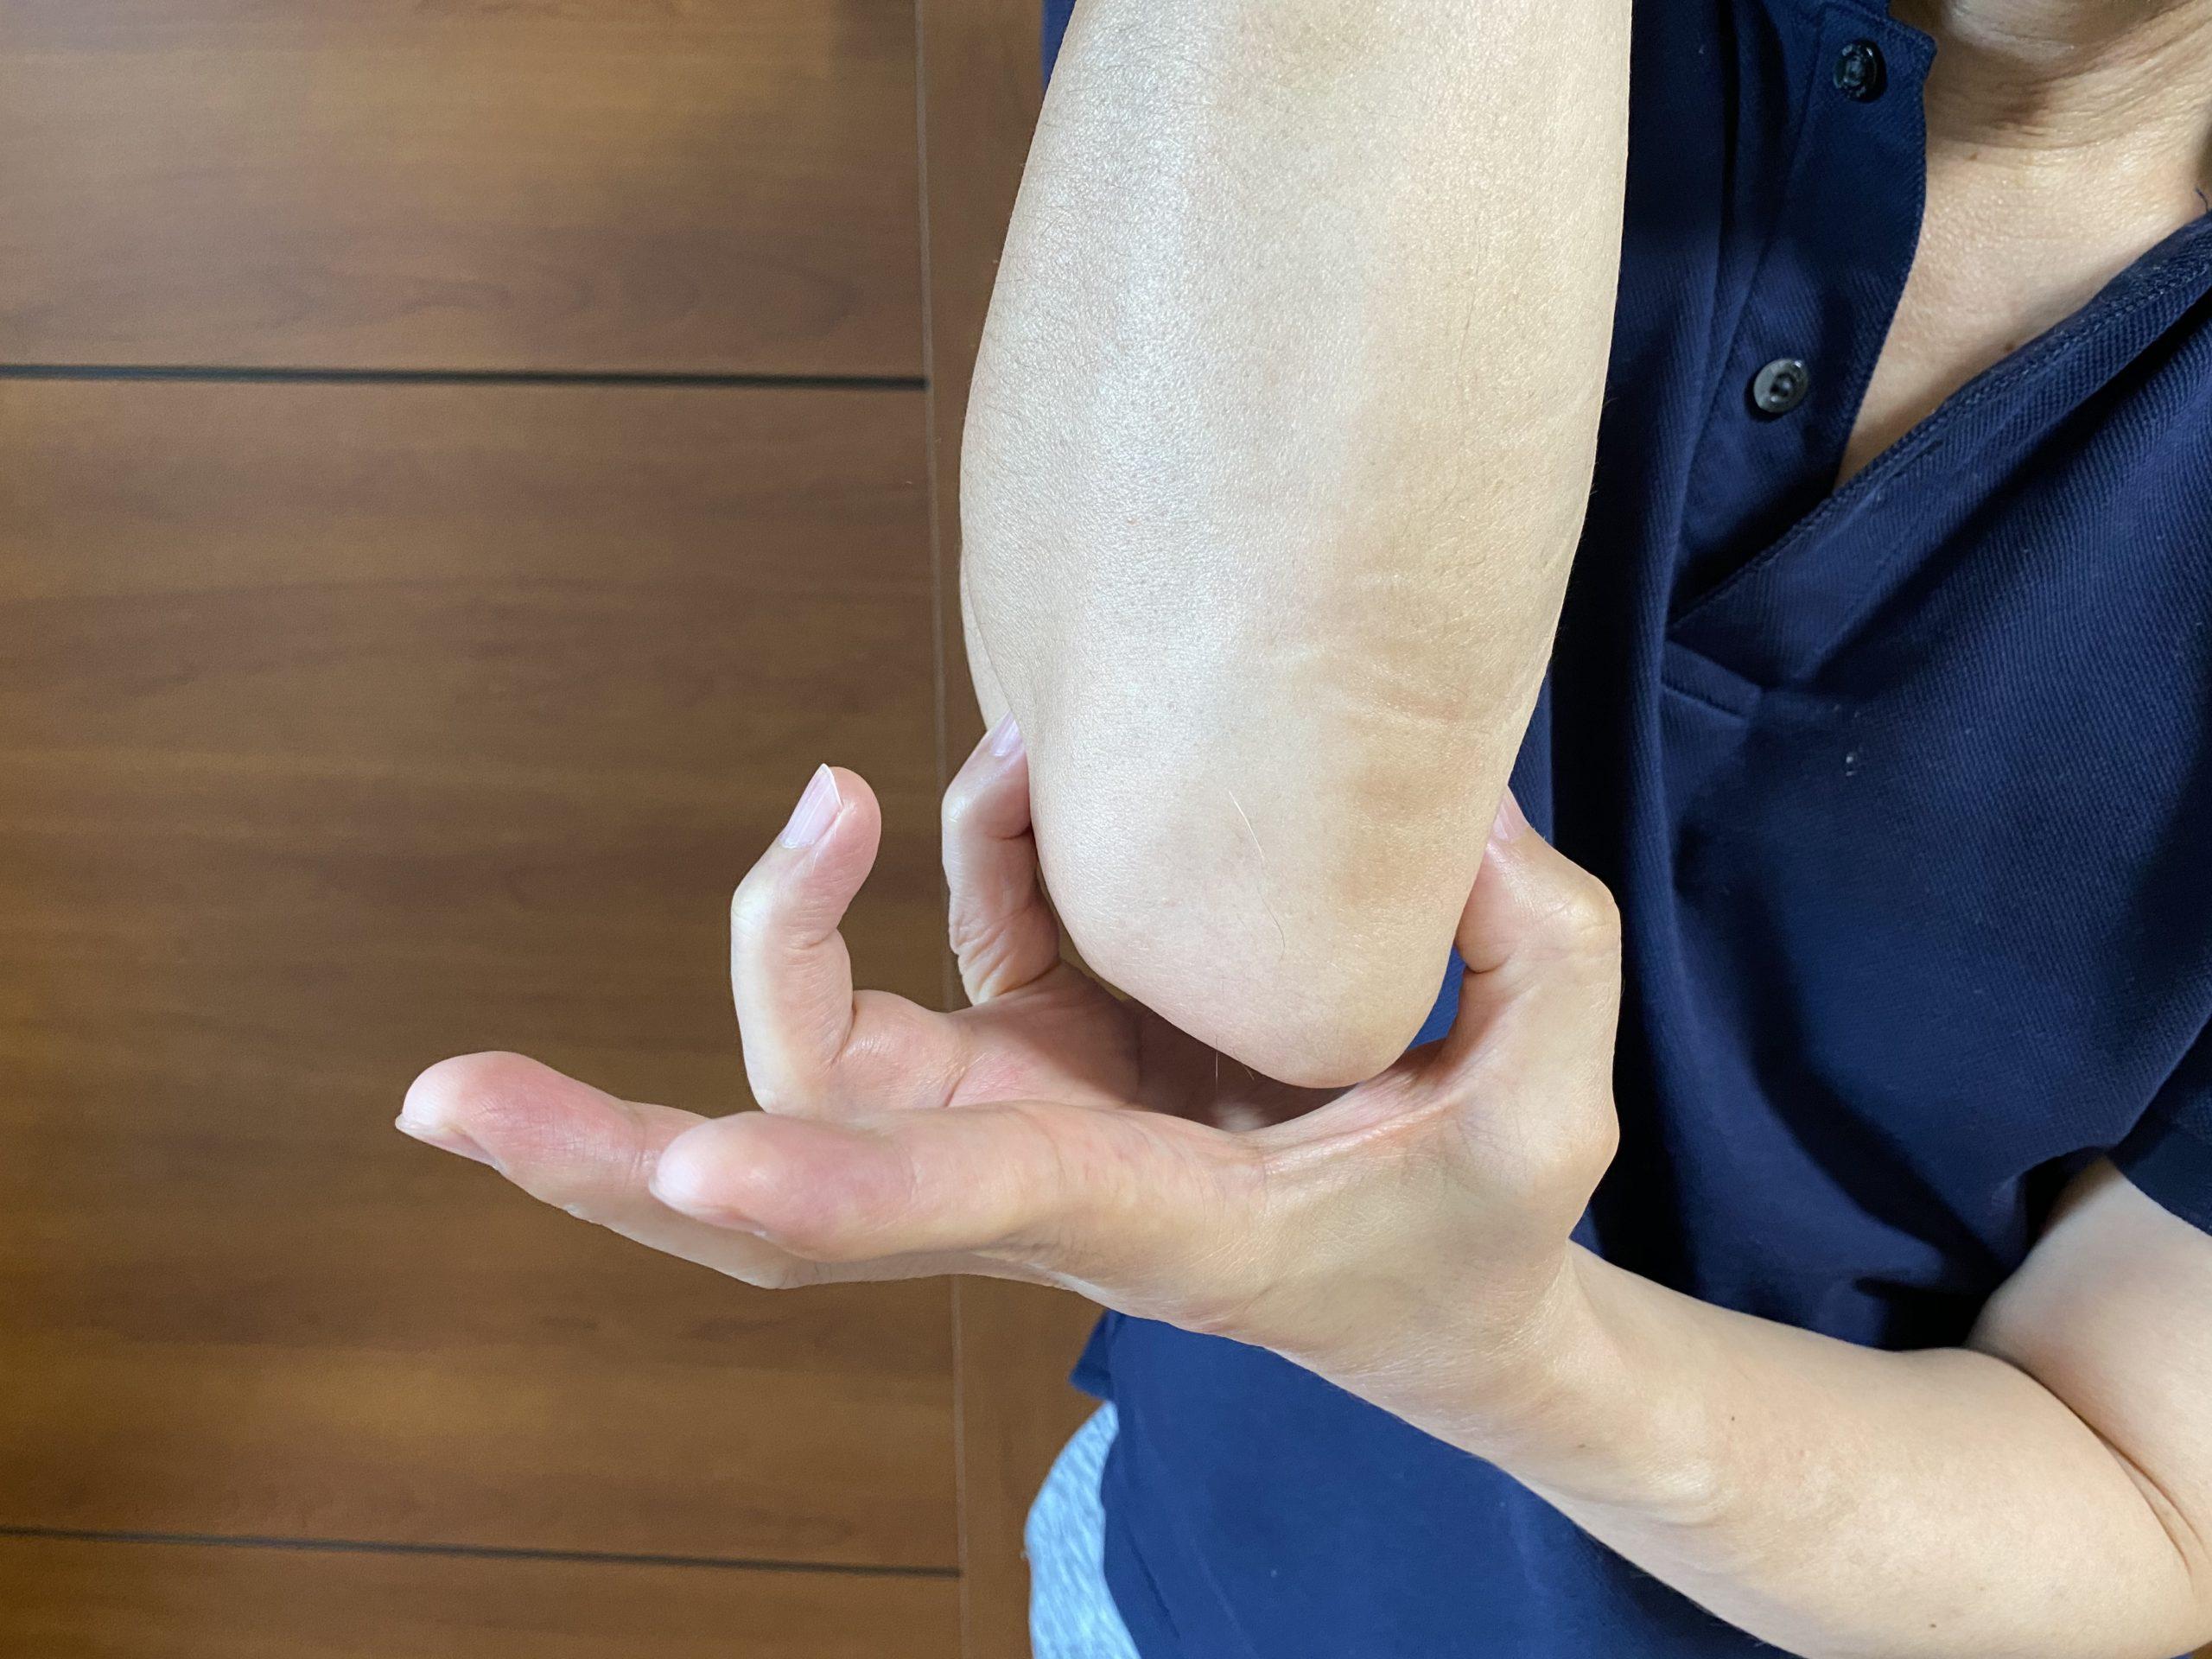 関節リウマチの肩の痛みをとる方法